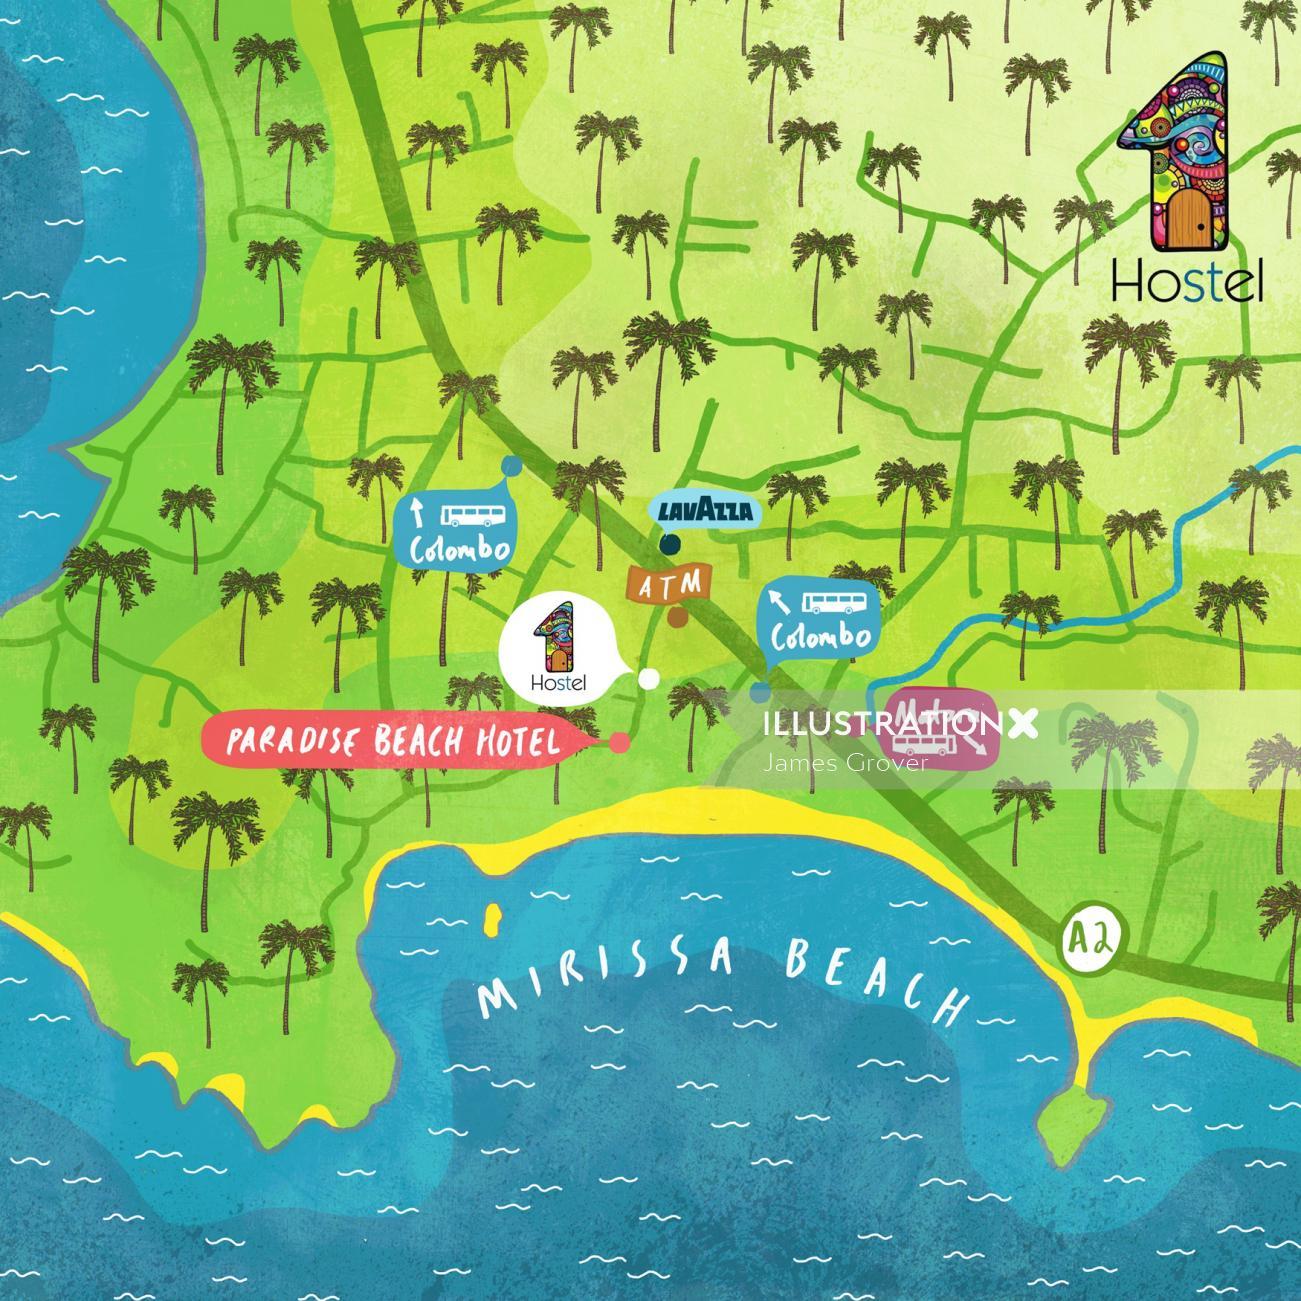 Maps Mirissa Beach